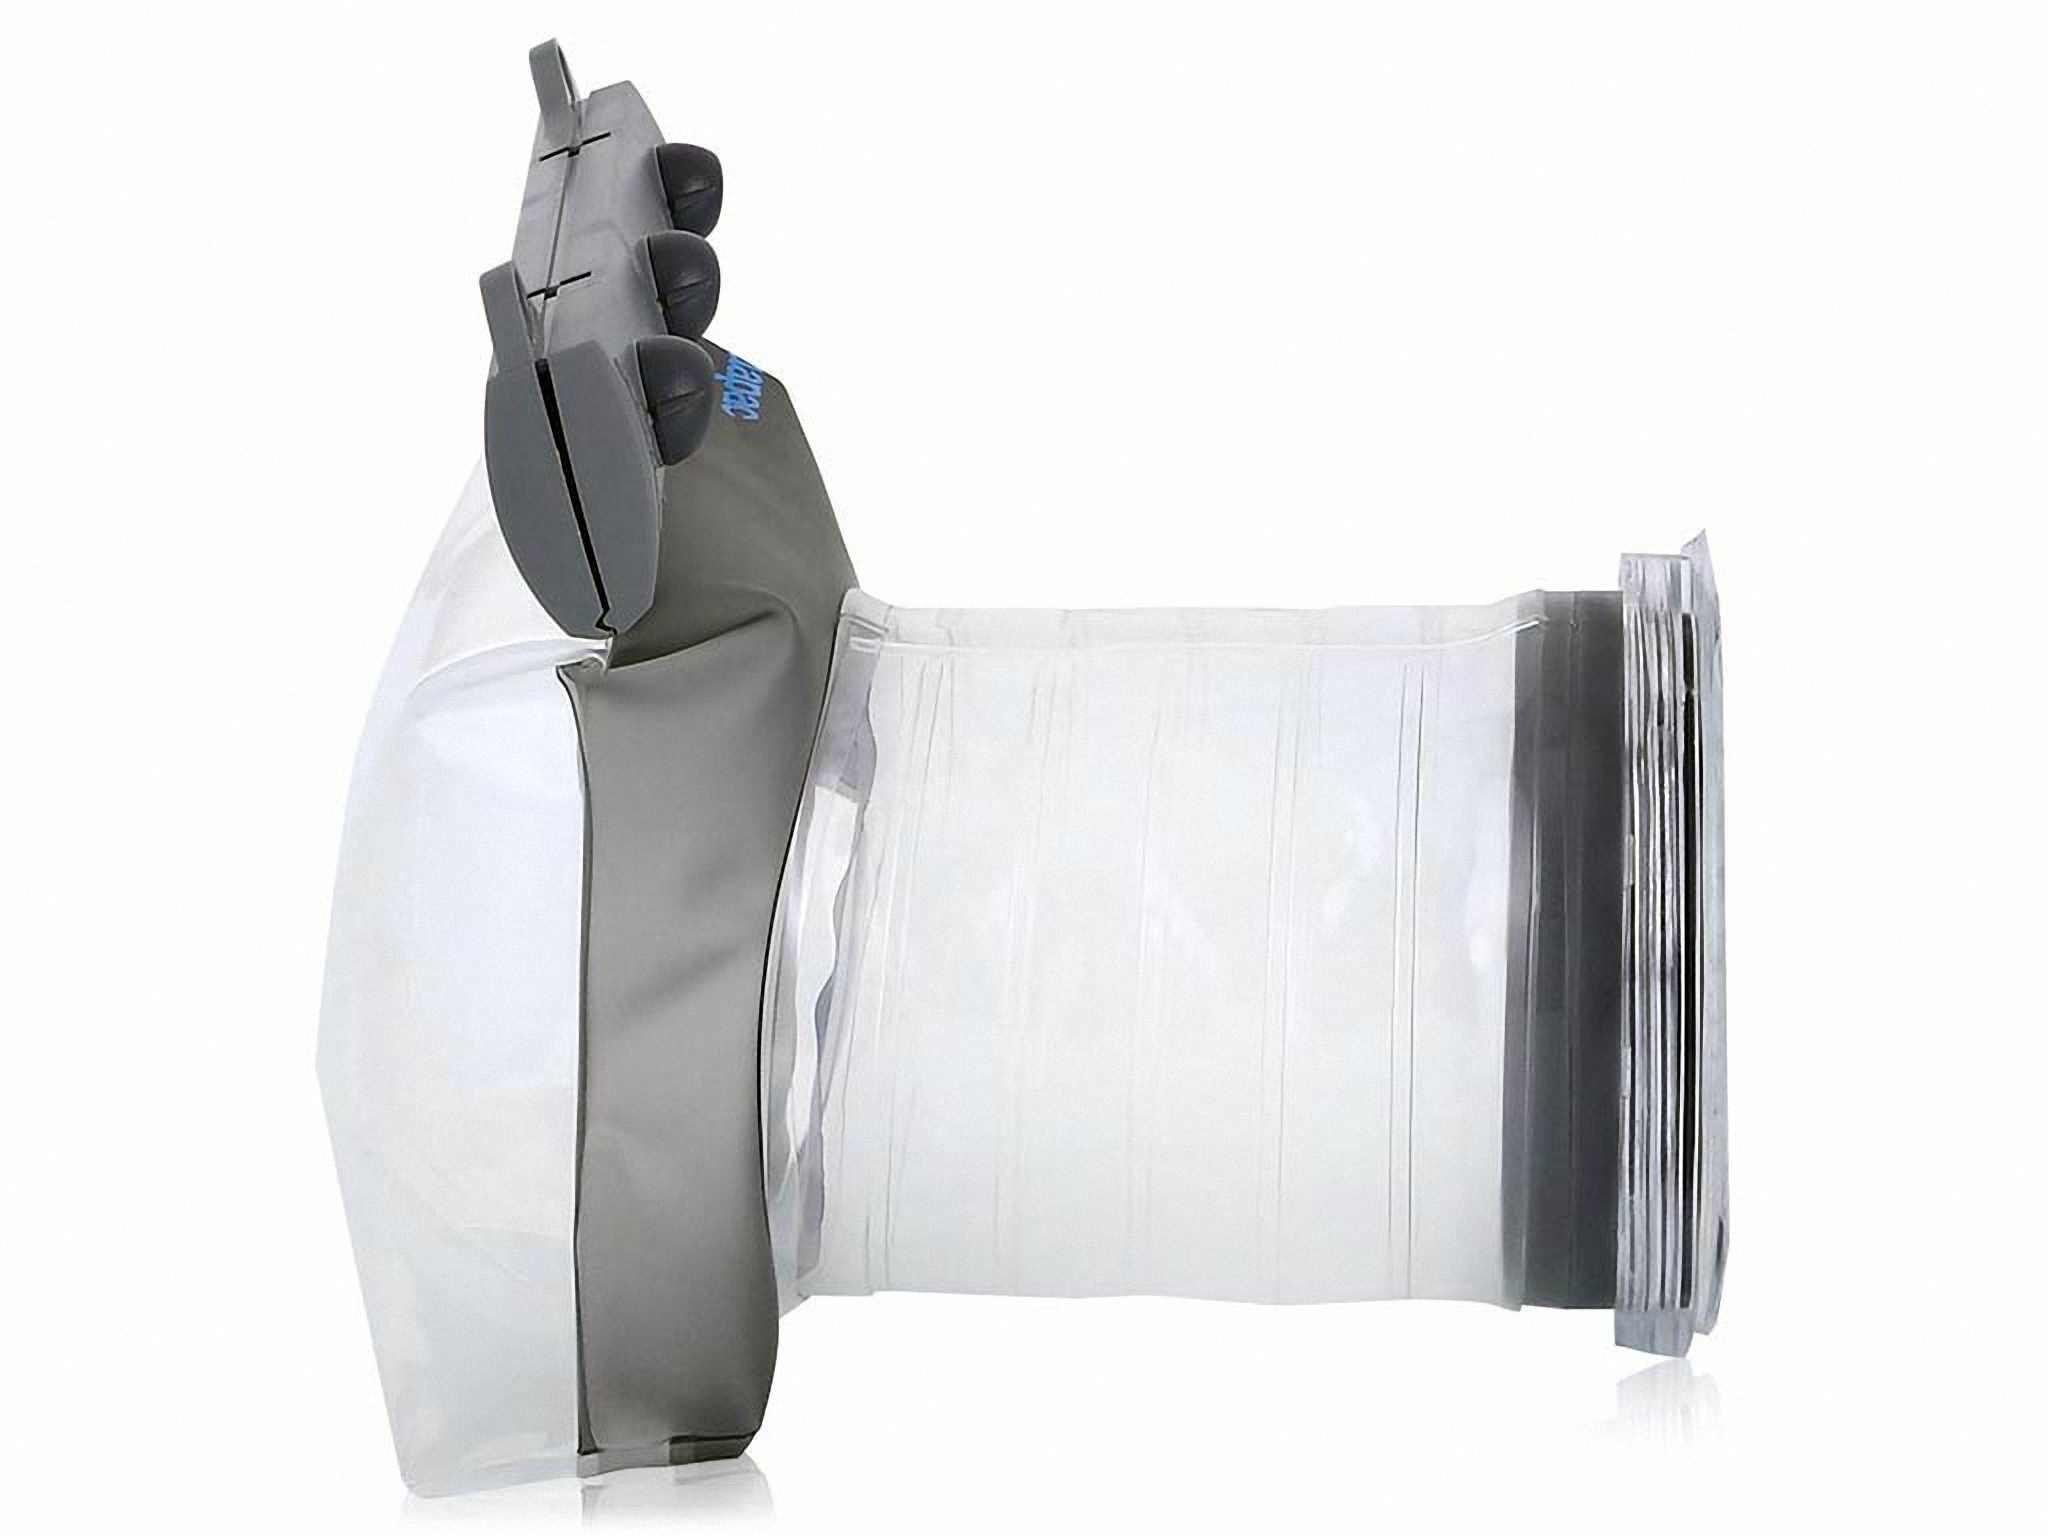 Водонепроницаемый чехол для фотоаппарата - Aquapac 451. Aquapac - №1 в мире водонепроницаемых чехлов и сумок. Фото 2